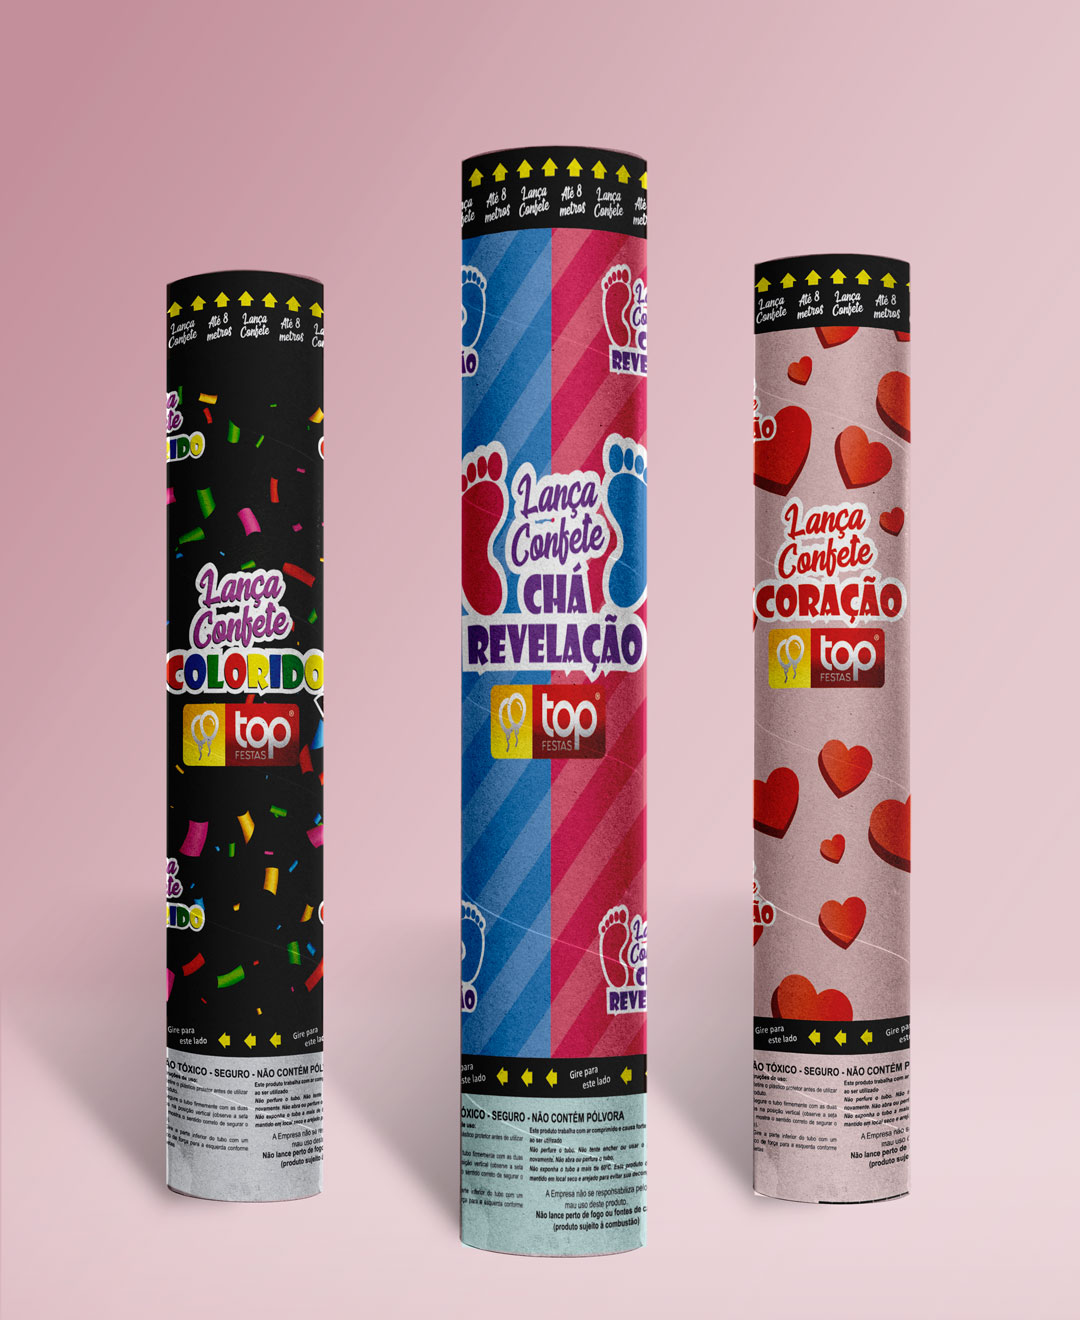 Lança Confetes Top Festas